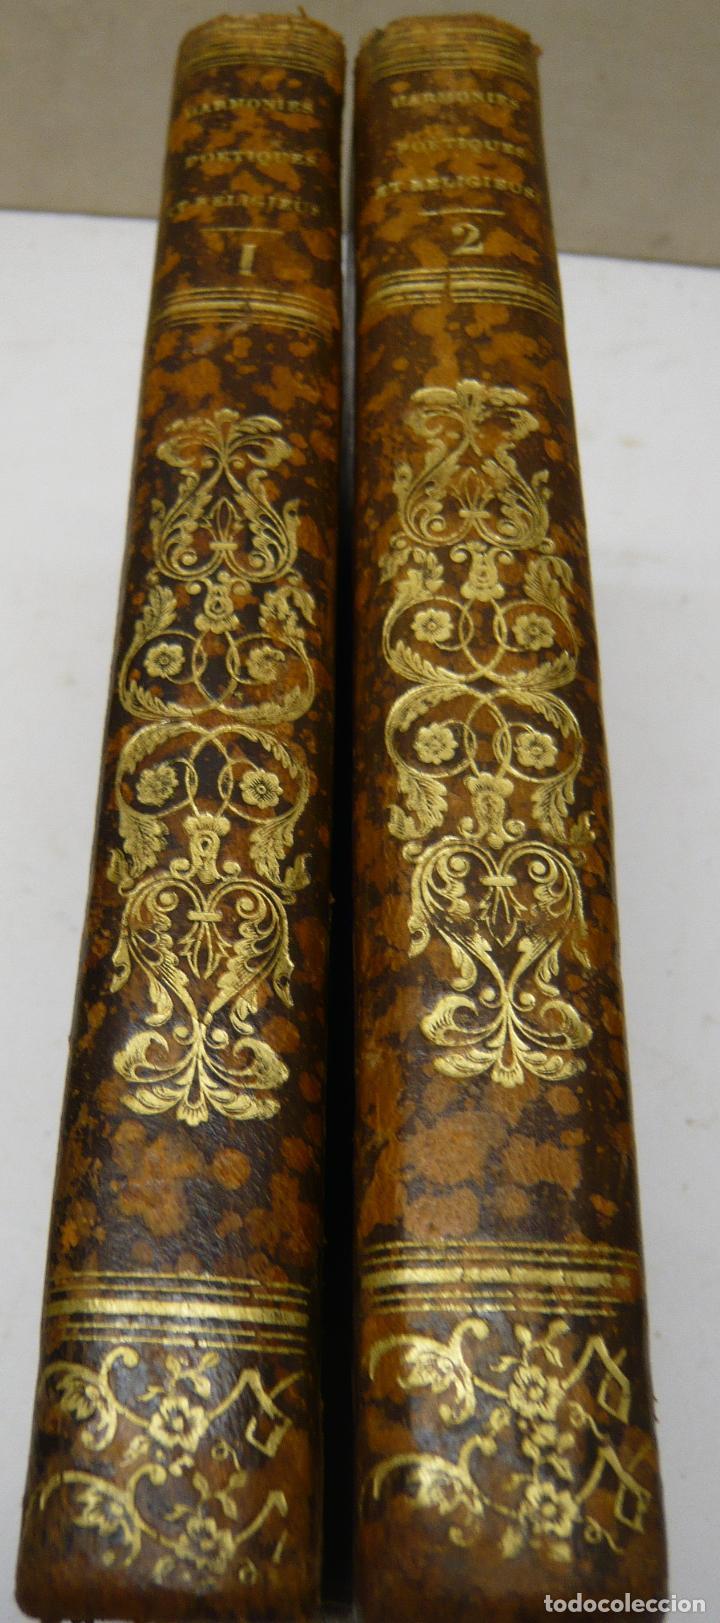 Libros antiguos: Harmonies poétiques et religieuses en 2 tomos año 1830 - LAMARTINE Alphonse de. - Foto 2 - 287793418